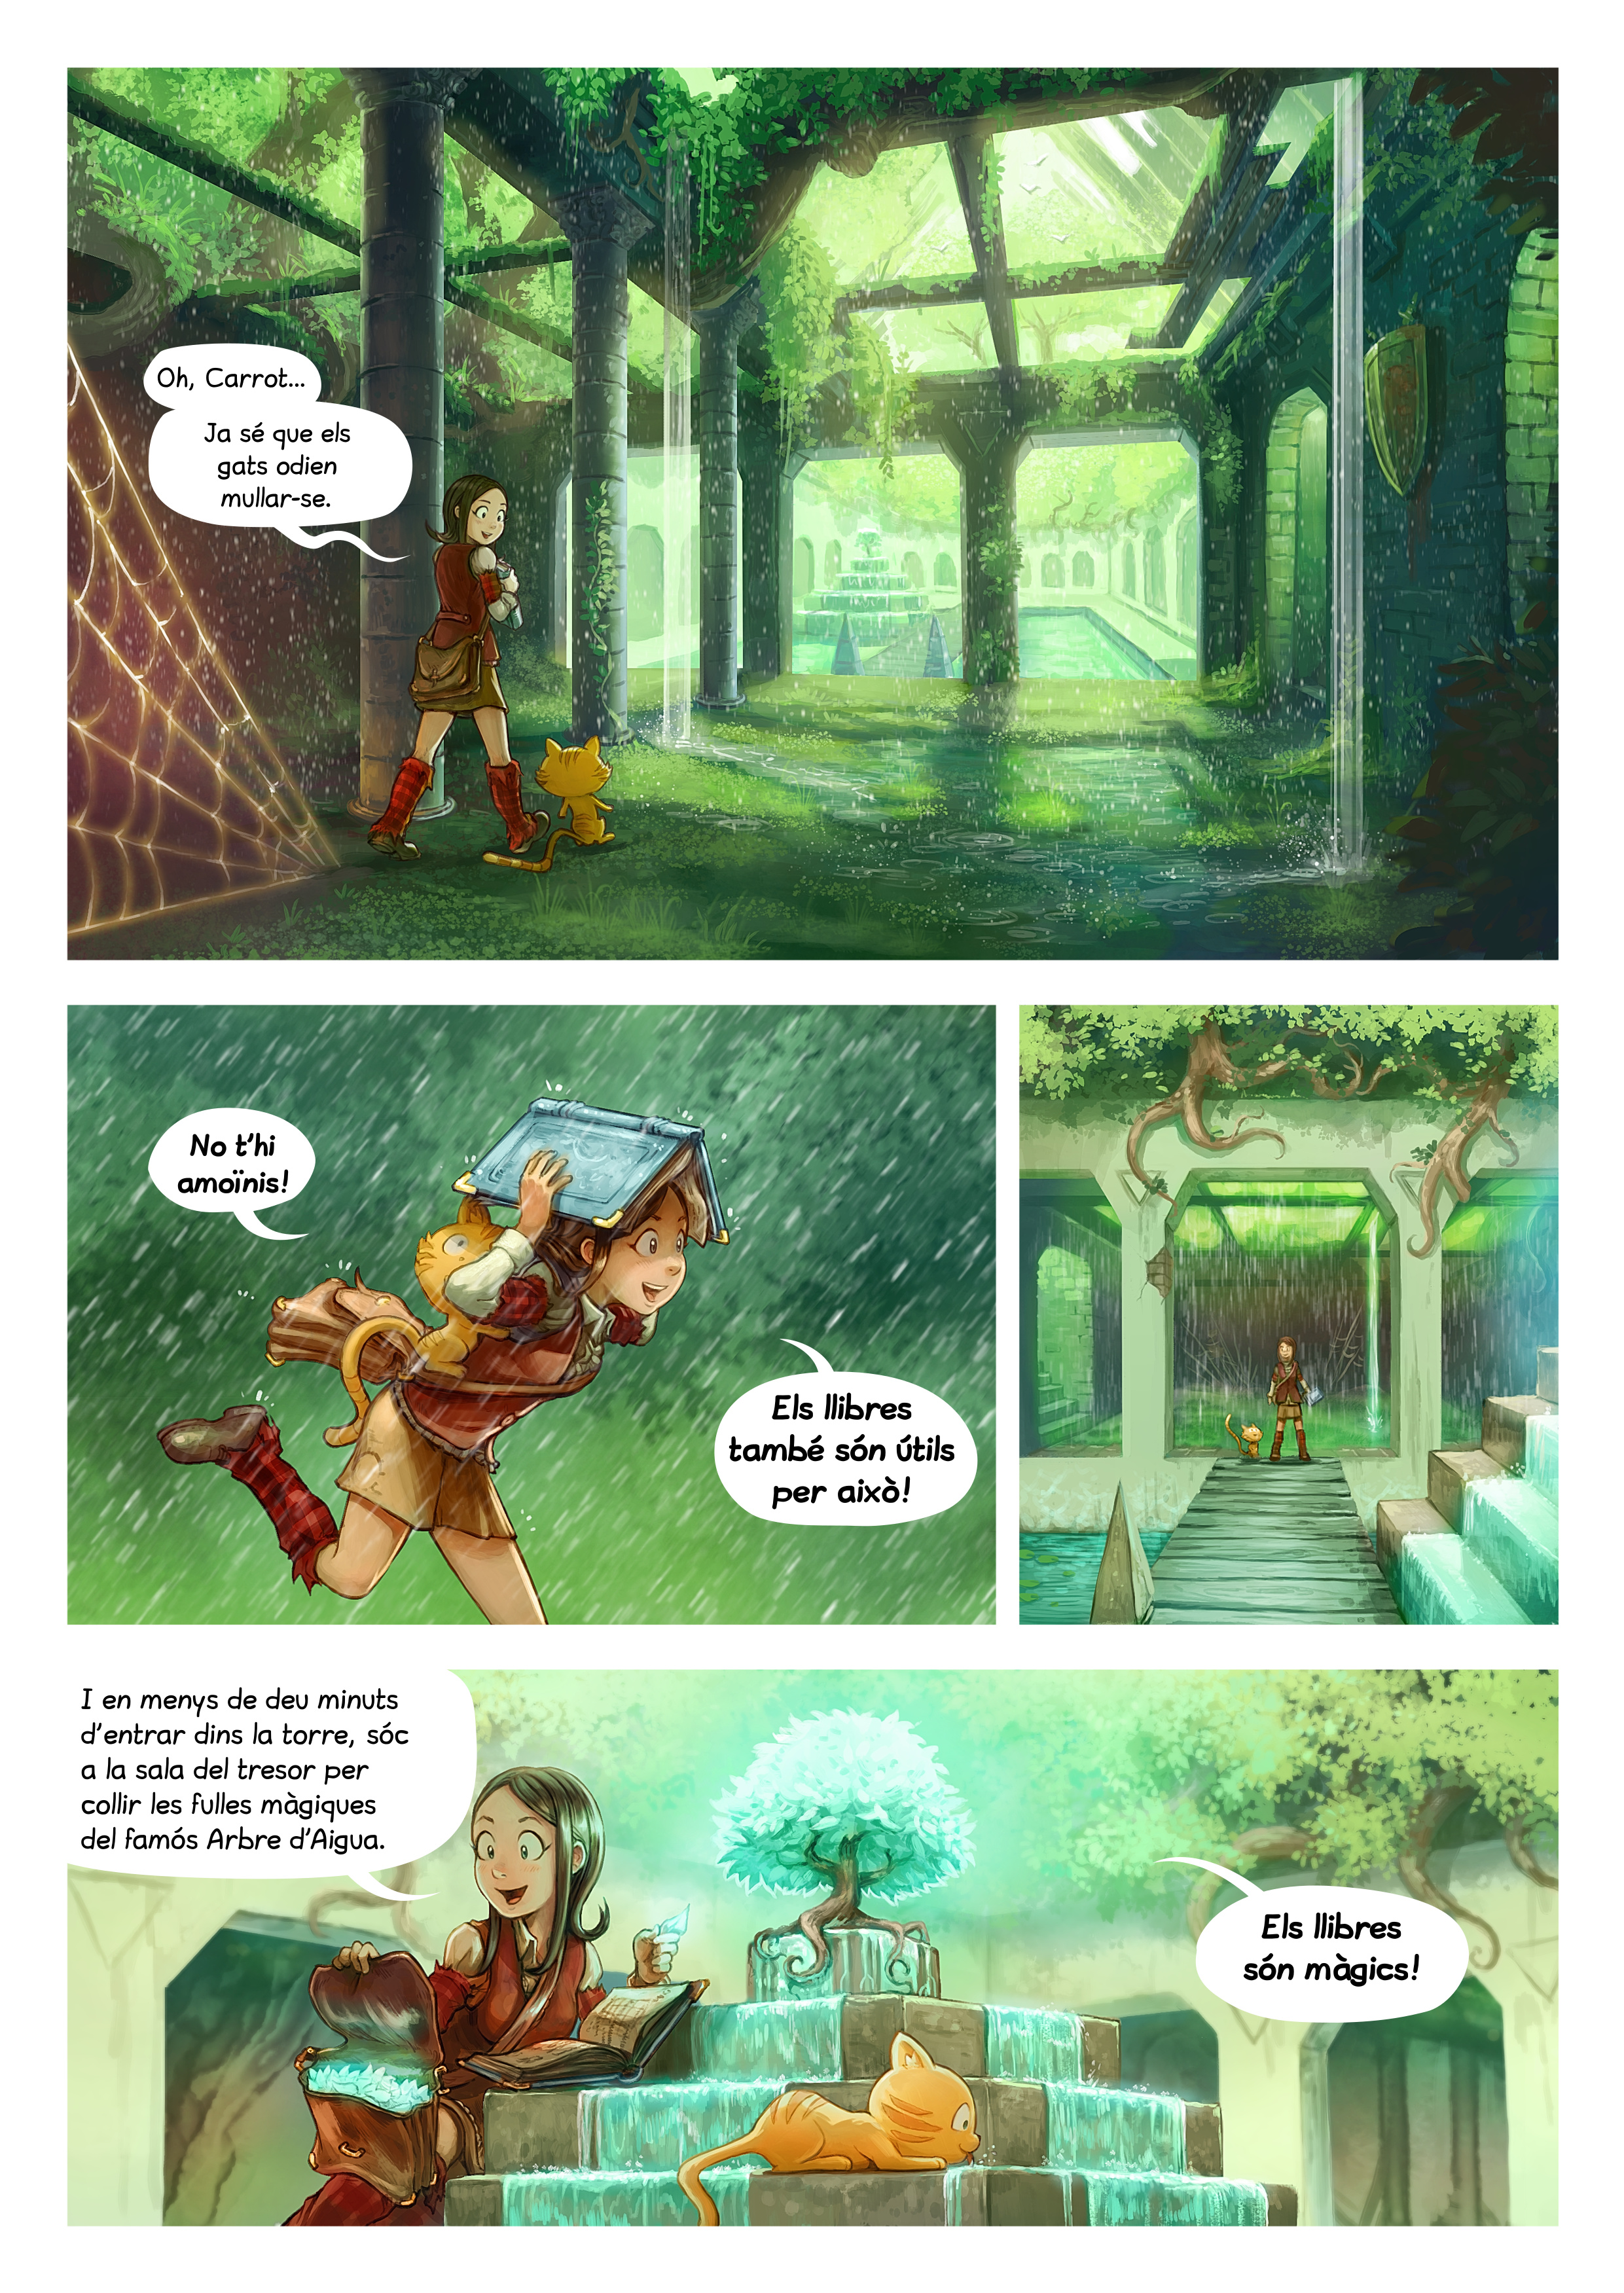 Episodi 26 : Els llibres són genials, Page 3